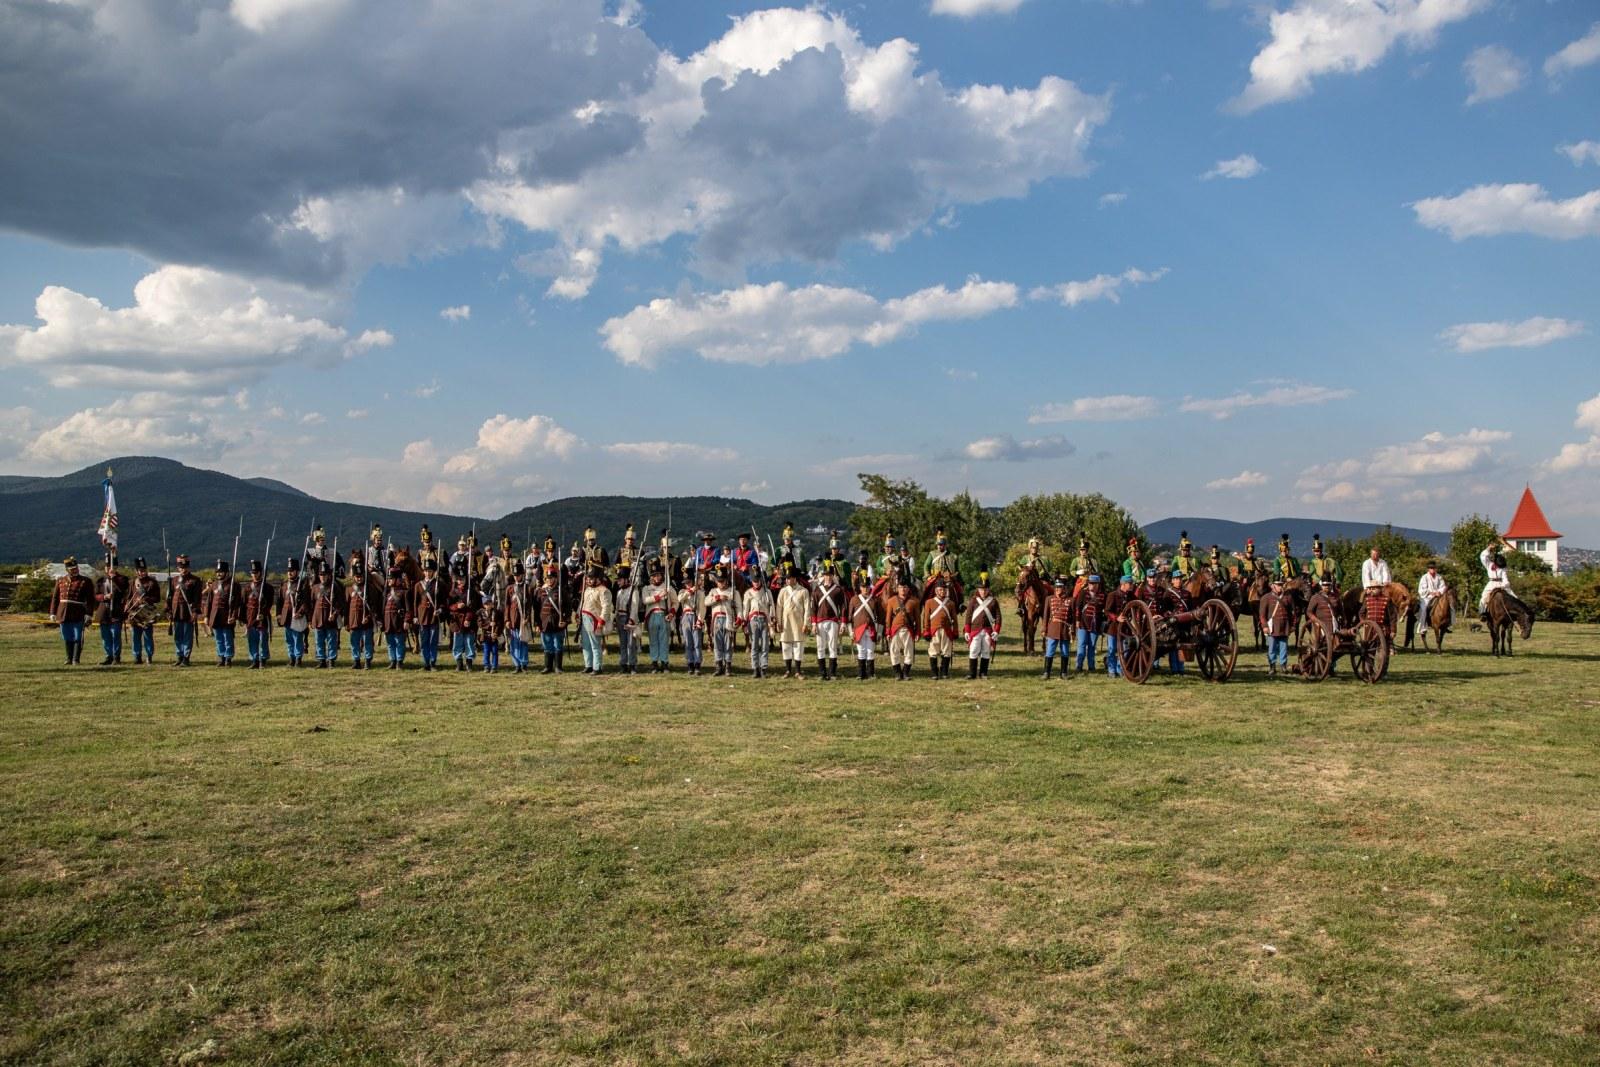 Huszár és Katonai Hagyományőrző Ünnep 2020 - Csoportkép (fotó: Palatinus Gábor)